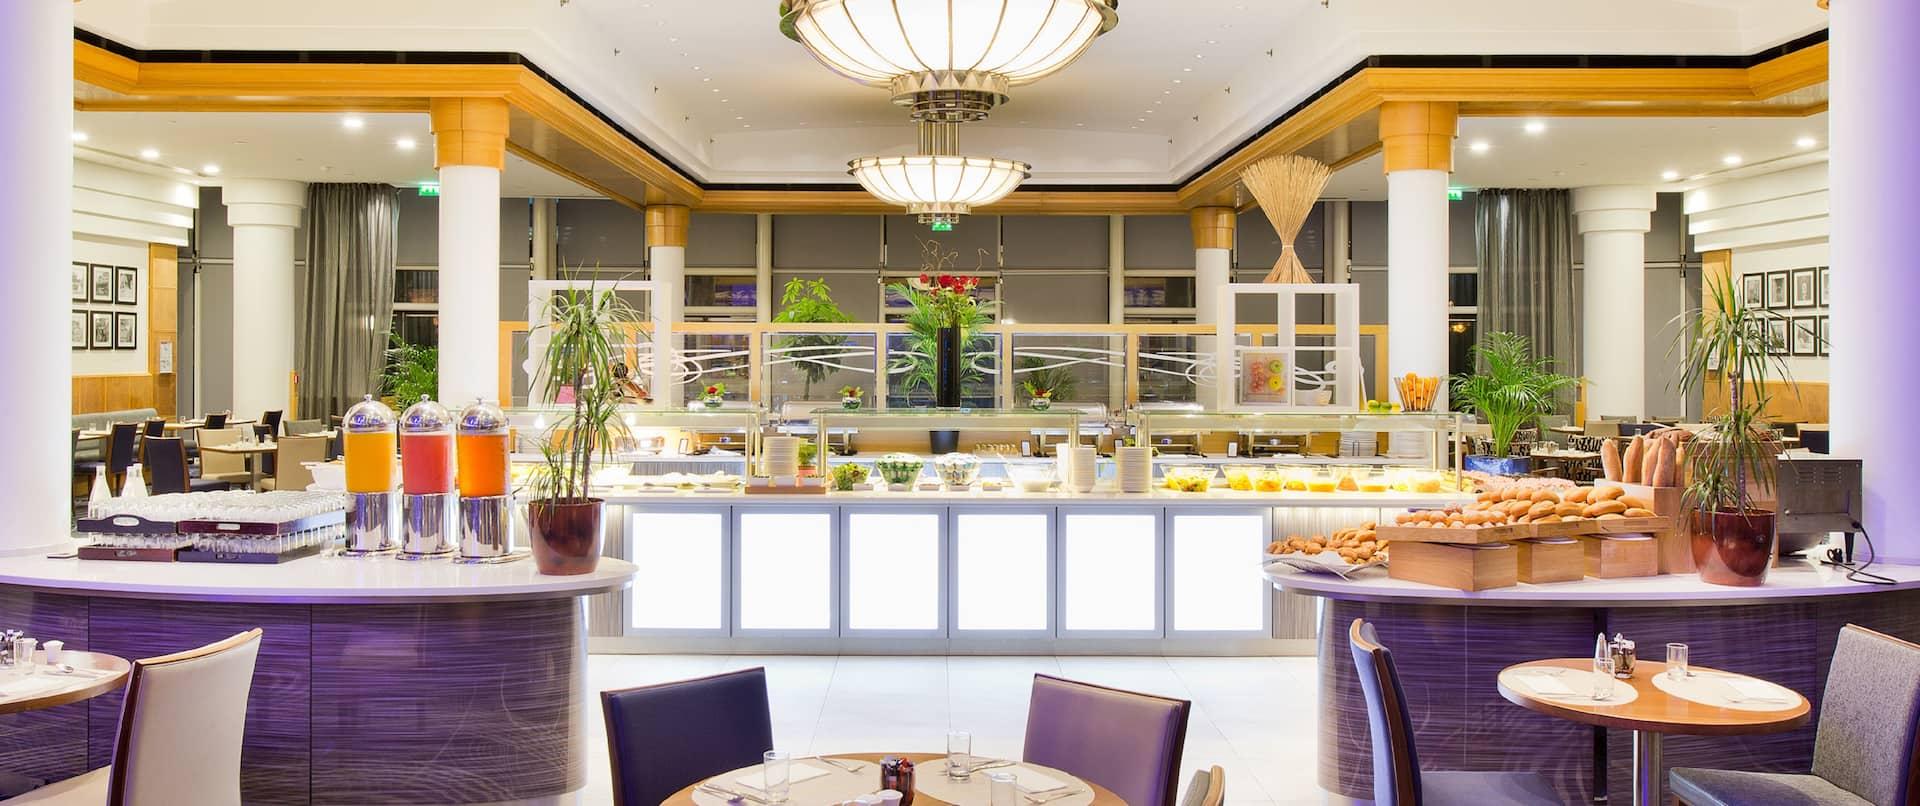 Skylight Restaurant Breakfast Area